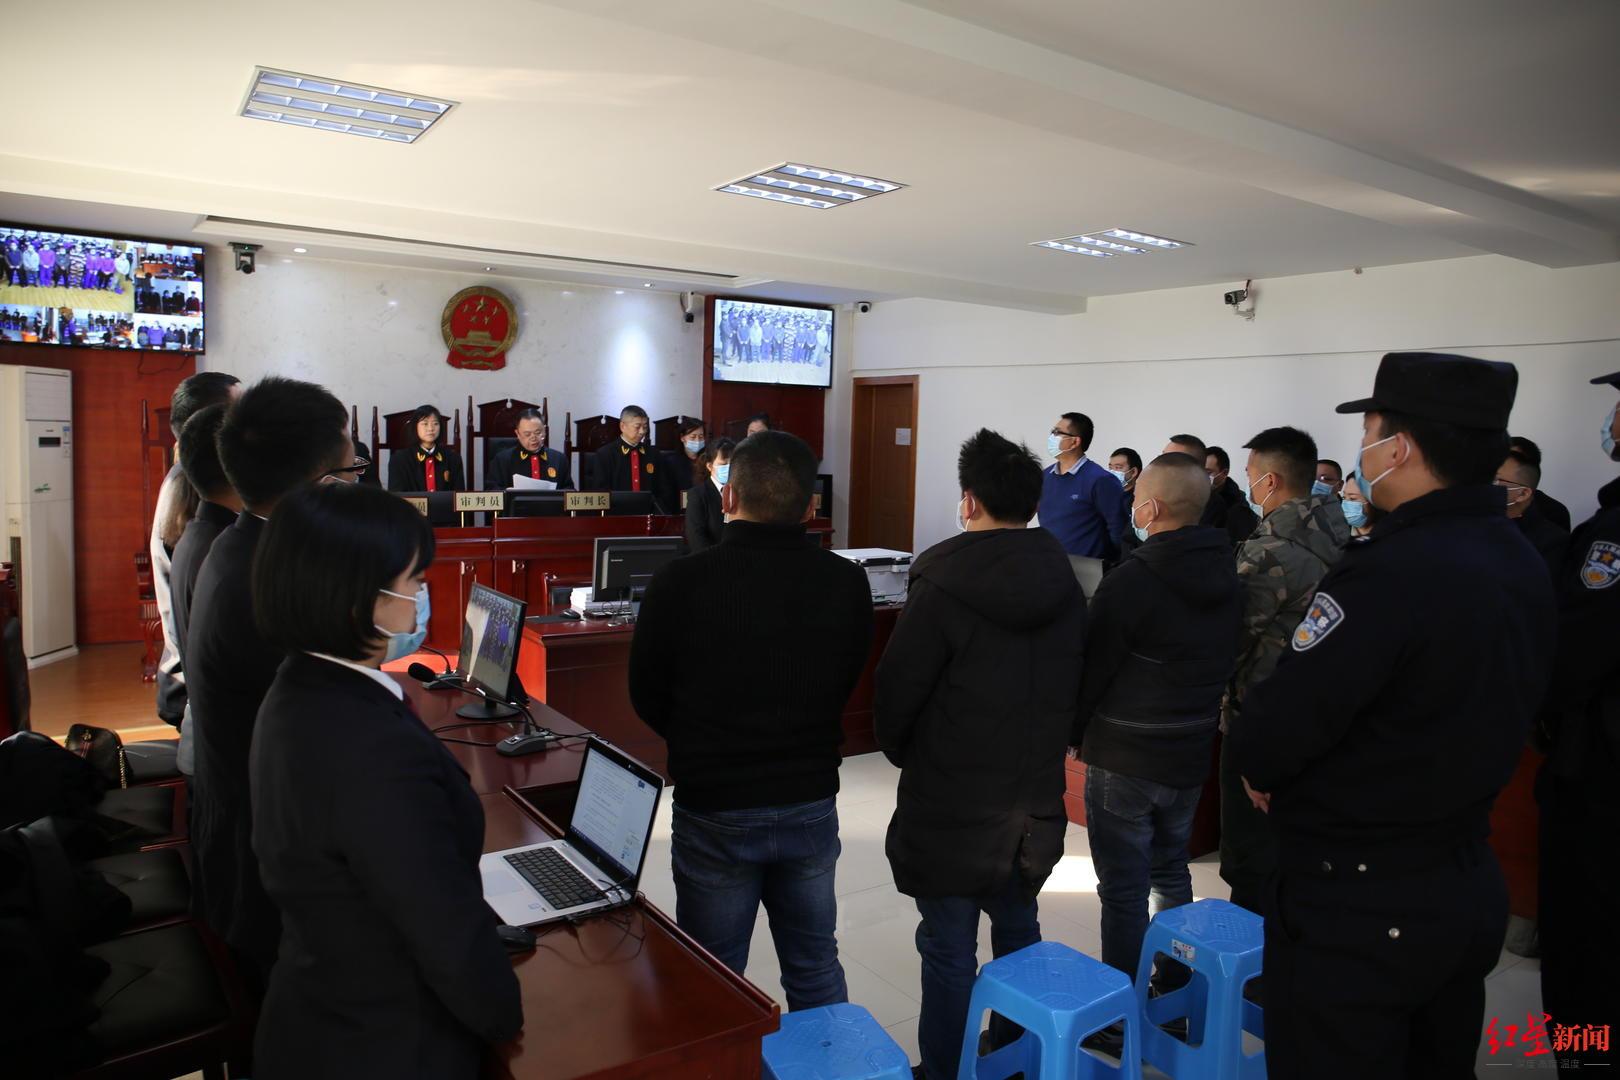 拉拢国家工作人员、在派出所外威胁被害人 四川广元一涉黑案主犯获刑20年图片